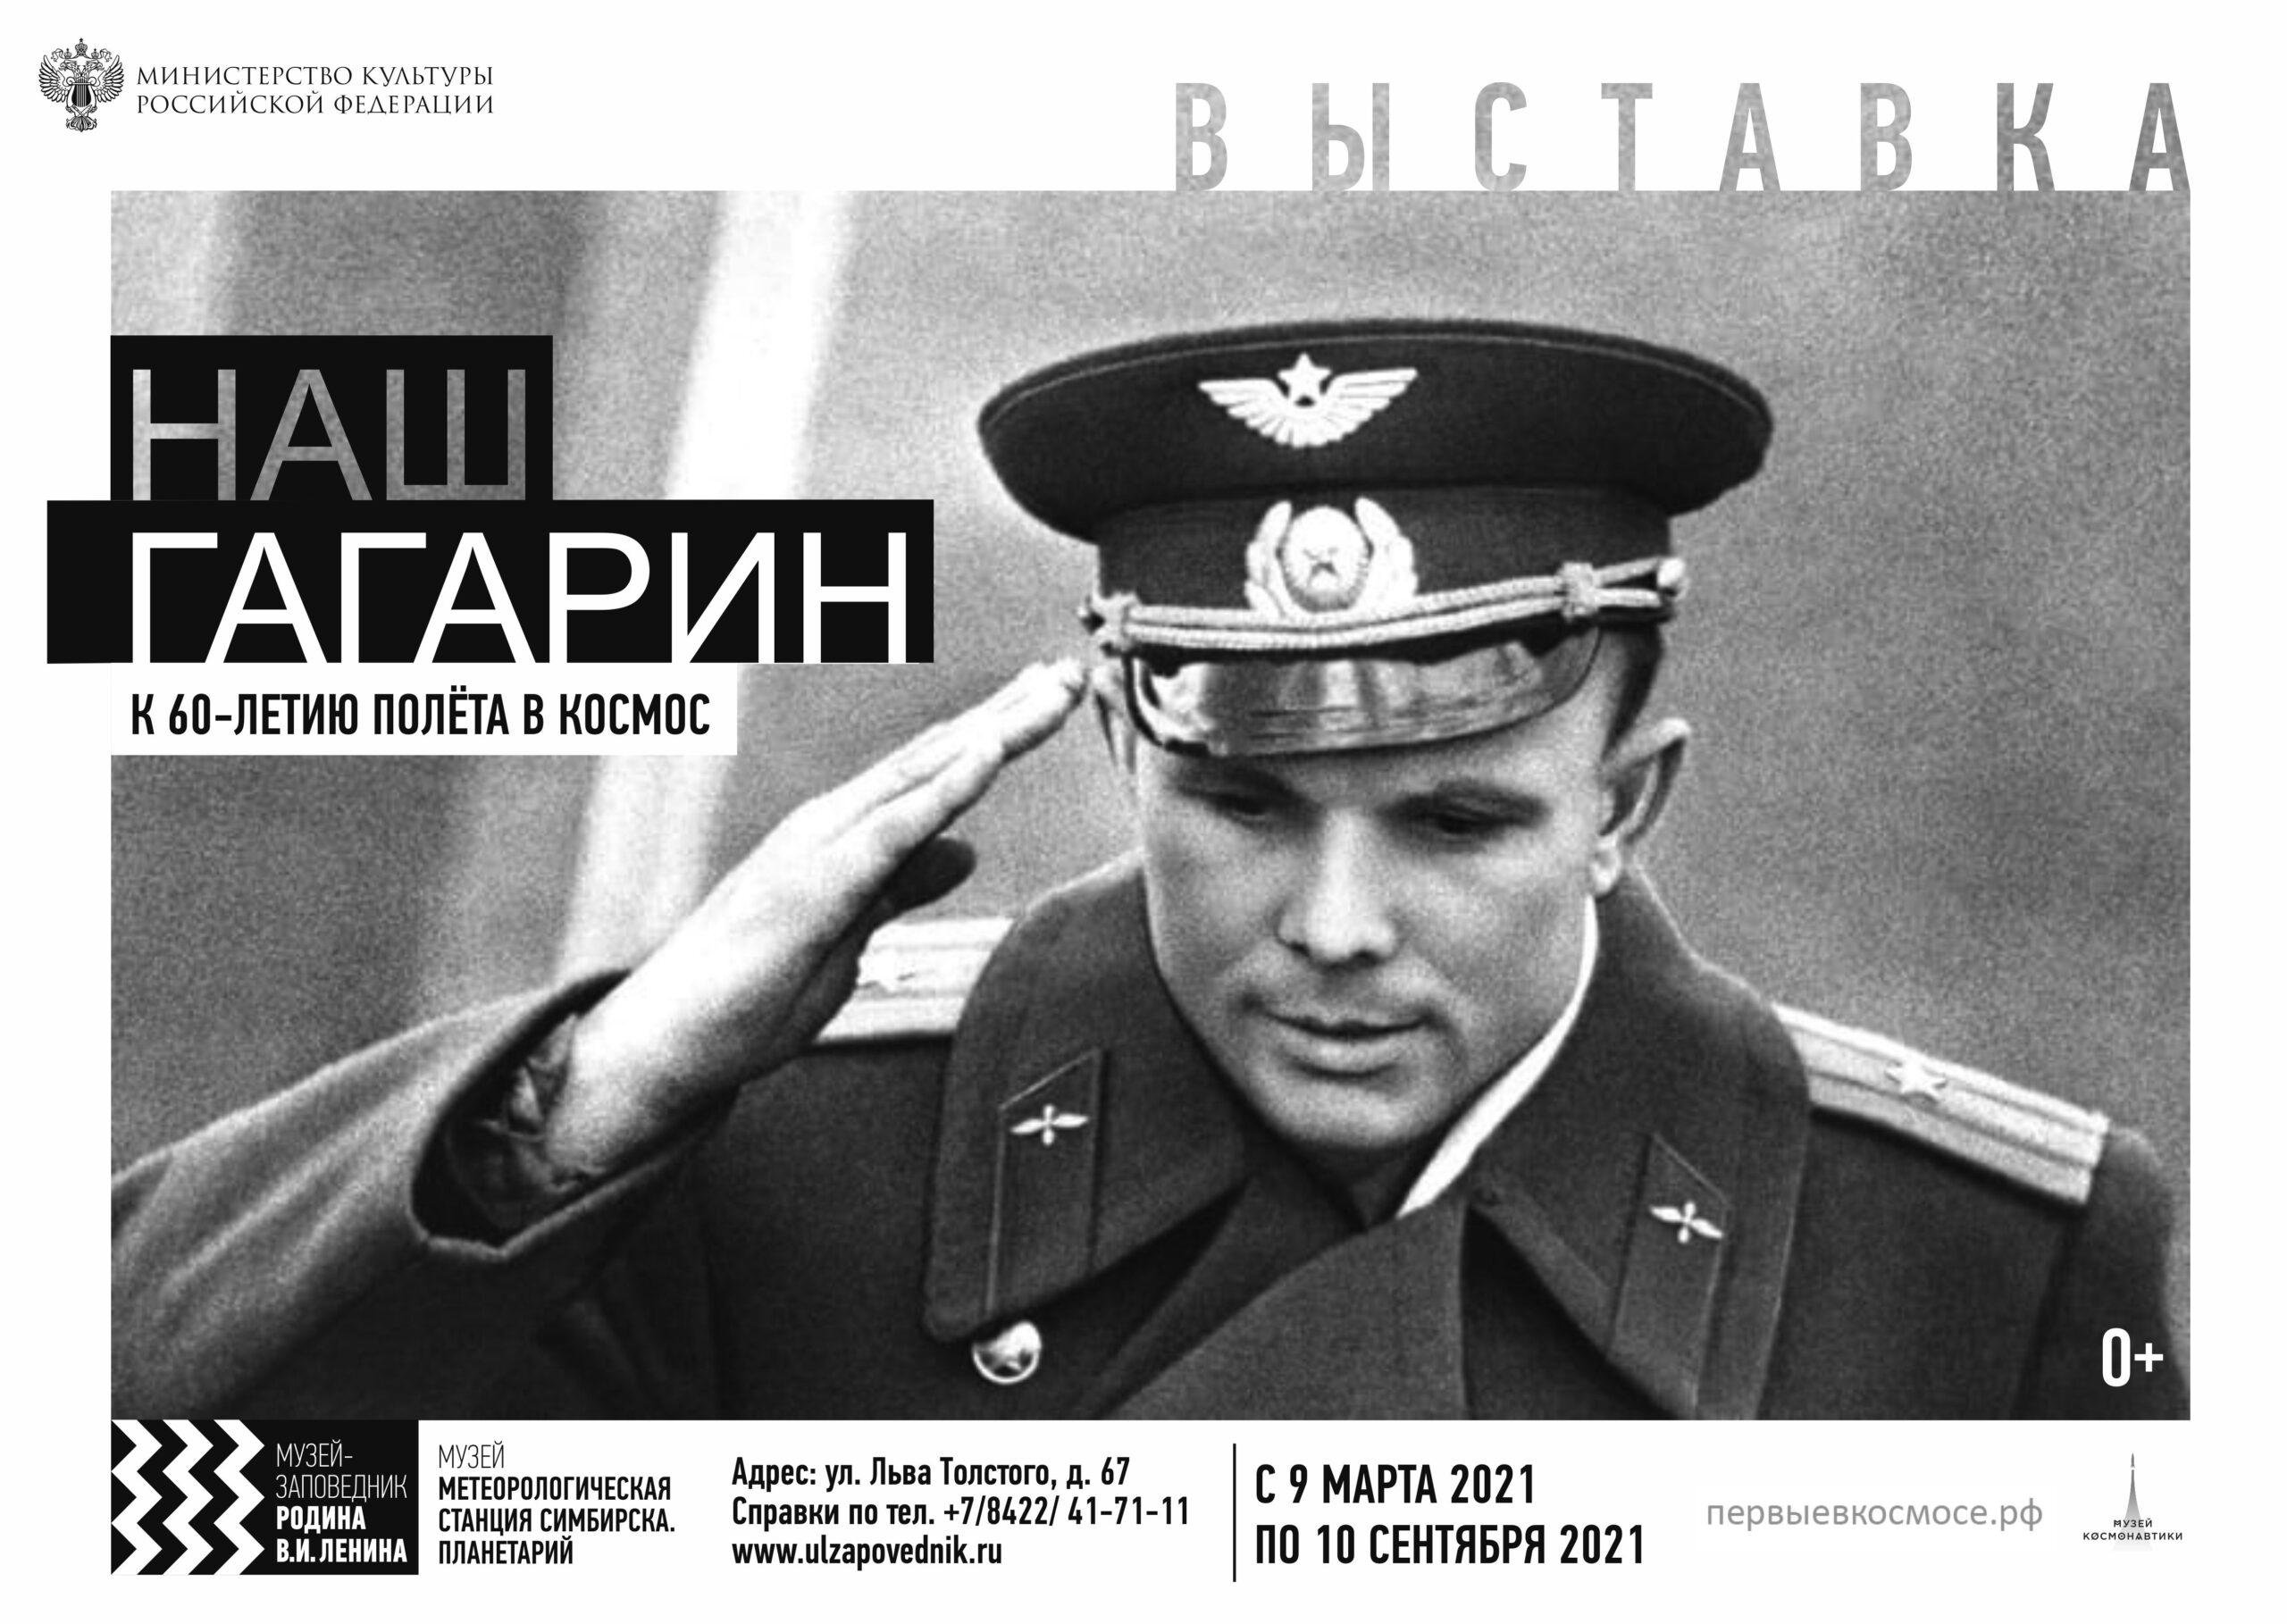 Открытие выставки «Наш Гагарин» @ в музее «Метеорологическая станция Симбирска (ул. Л.Толстого, д. 67)